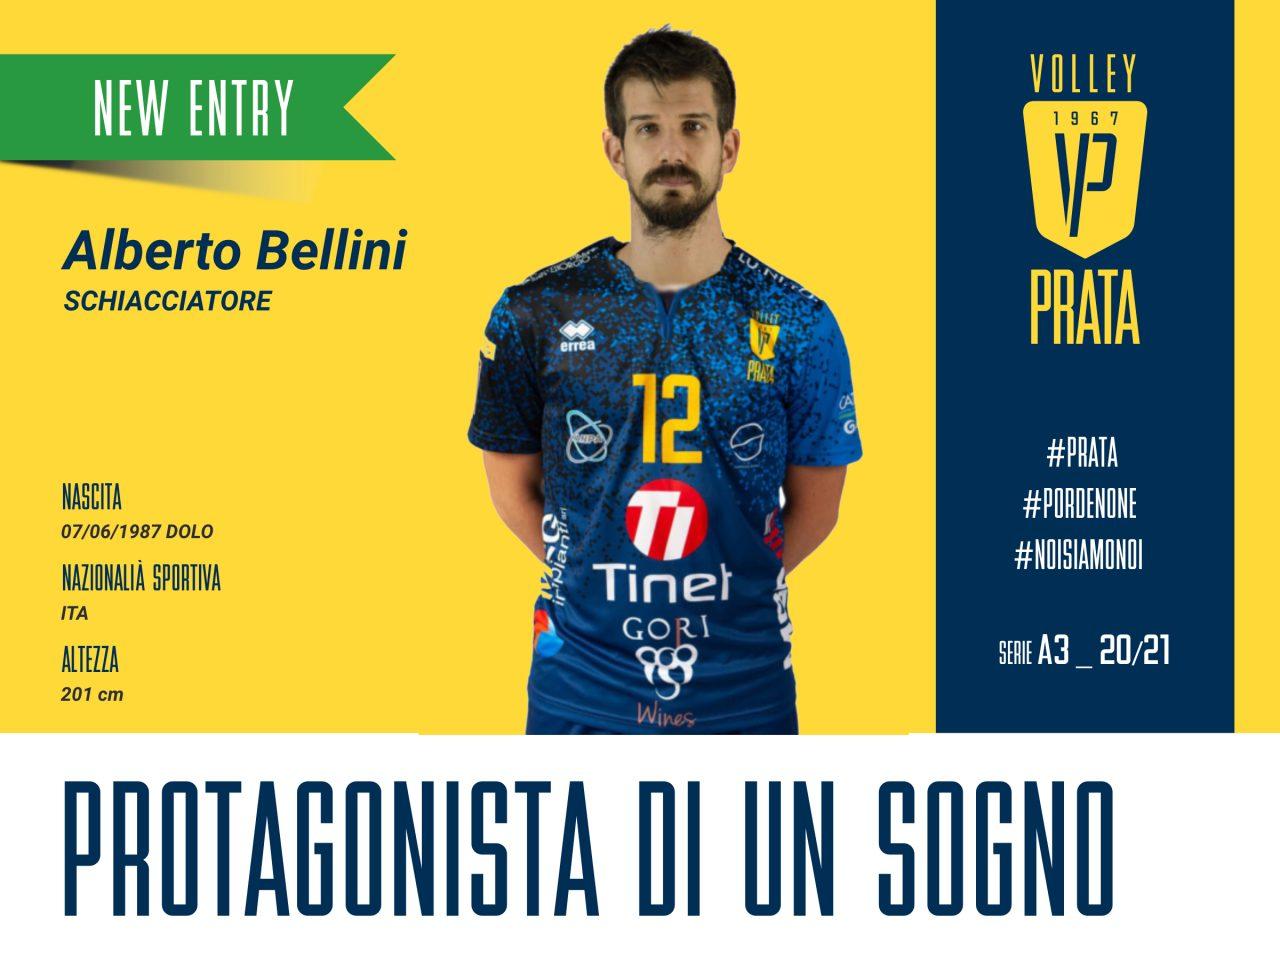 Annuncio-Bellini-1280x960.jpg